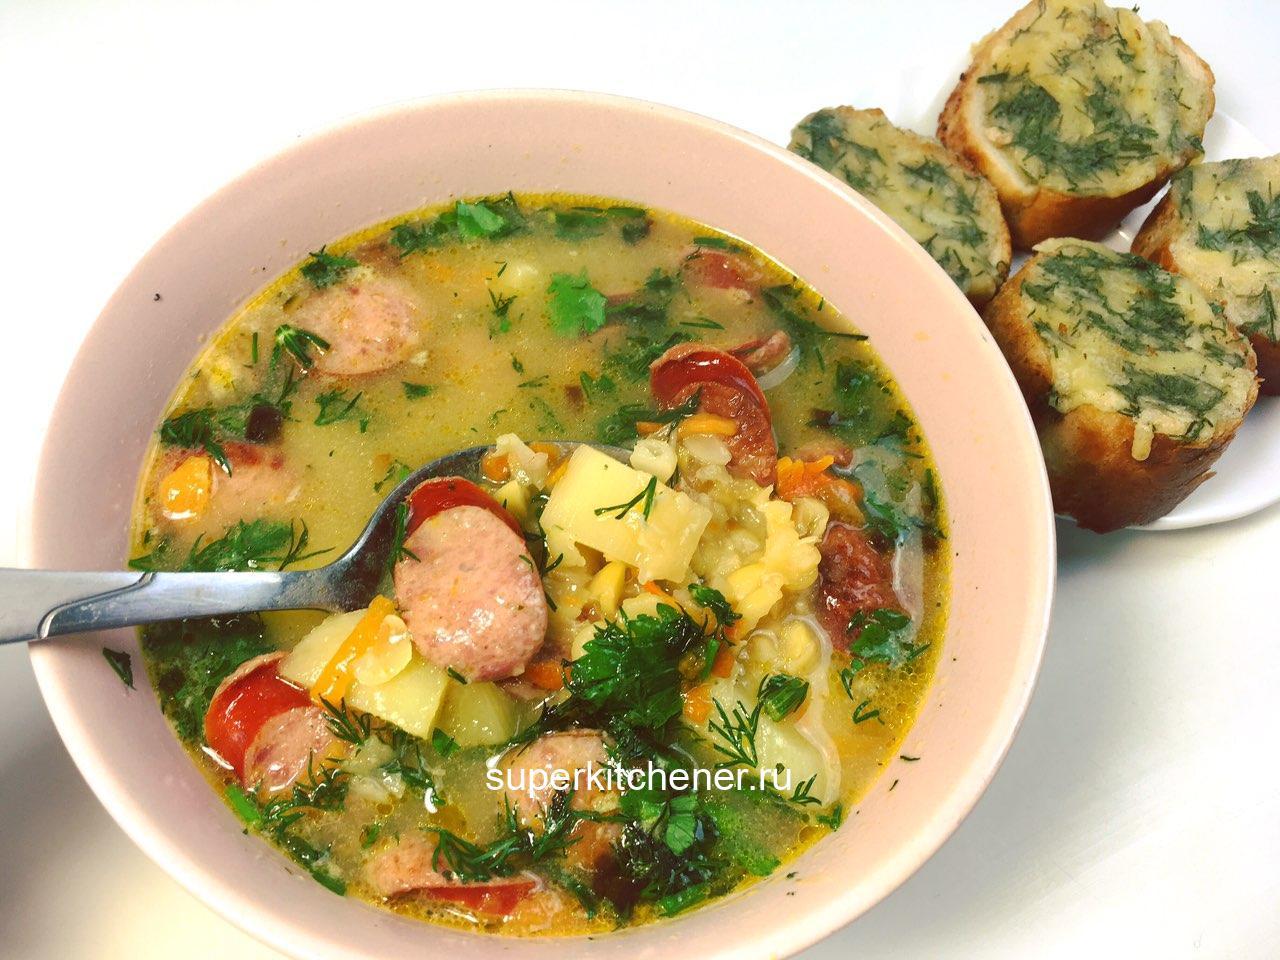 Частый гость на нашем столе! Приготовьте этот суп и сытный обед вам обеспечен!